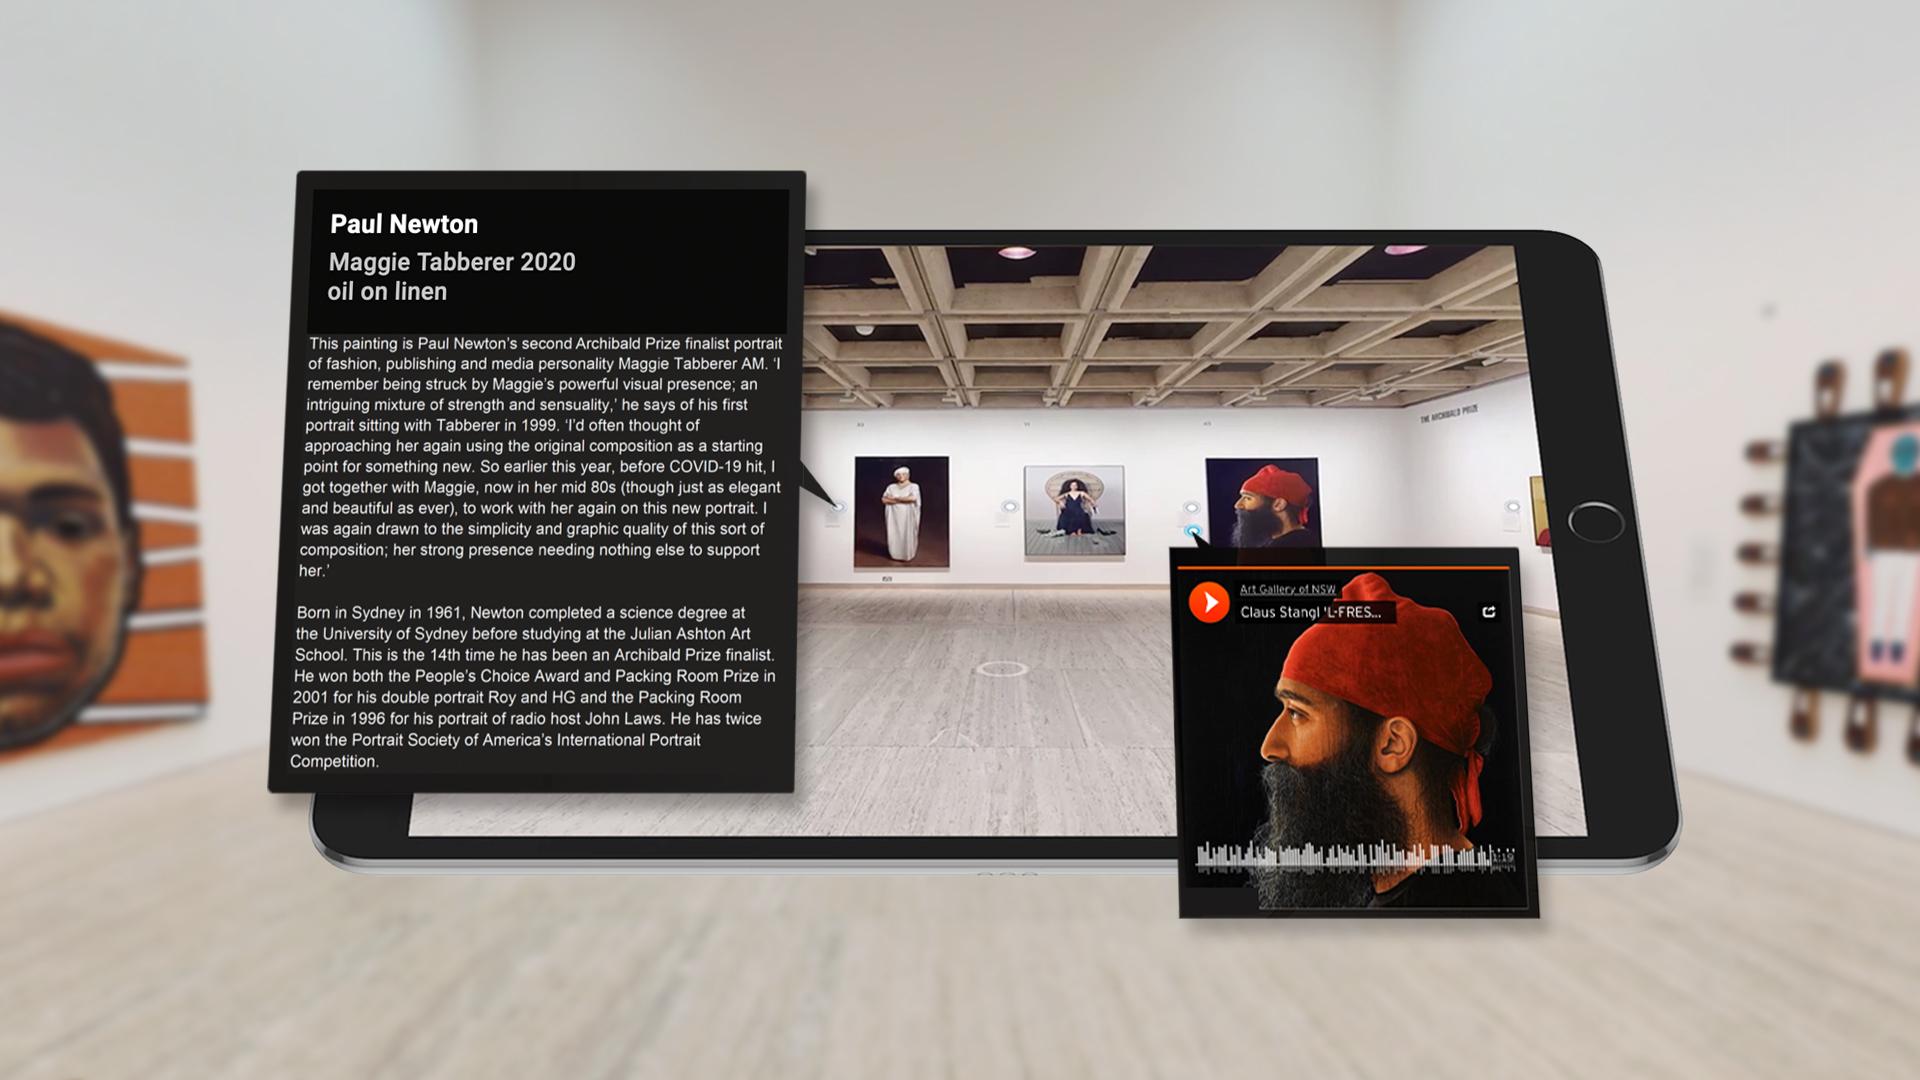 Archibald Prize Virtual Tour Tablet Feature